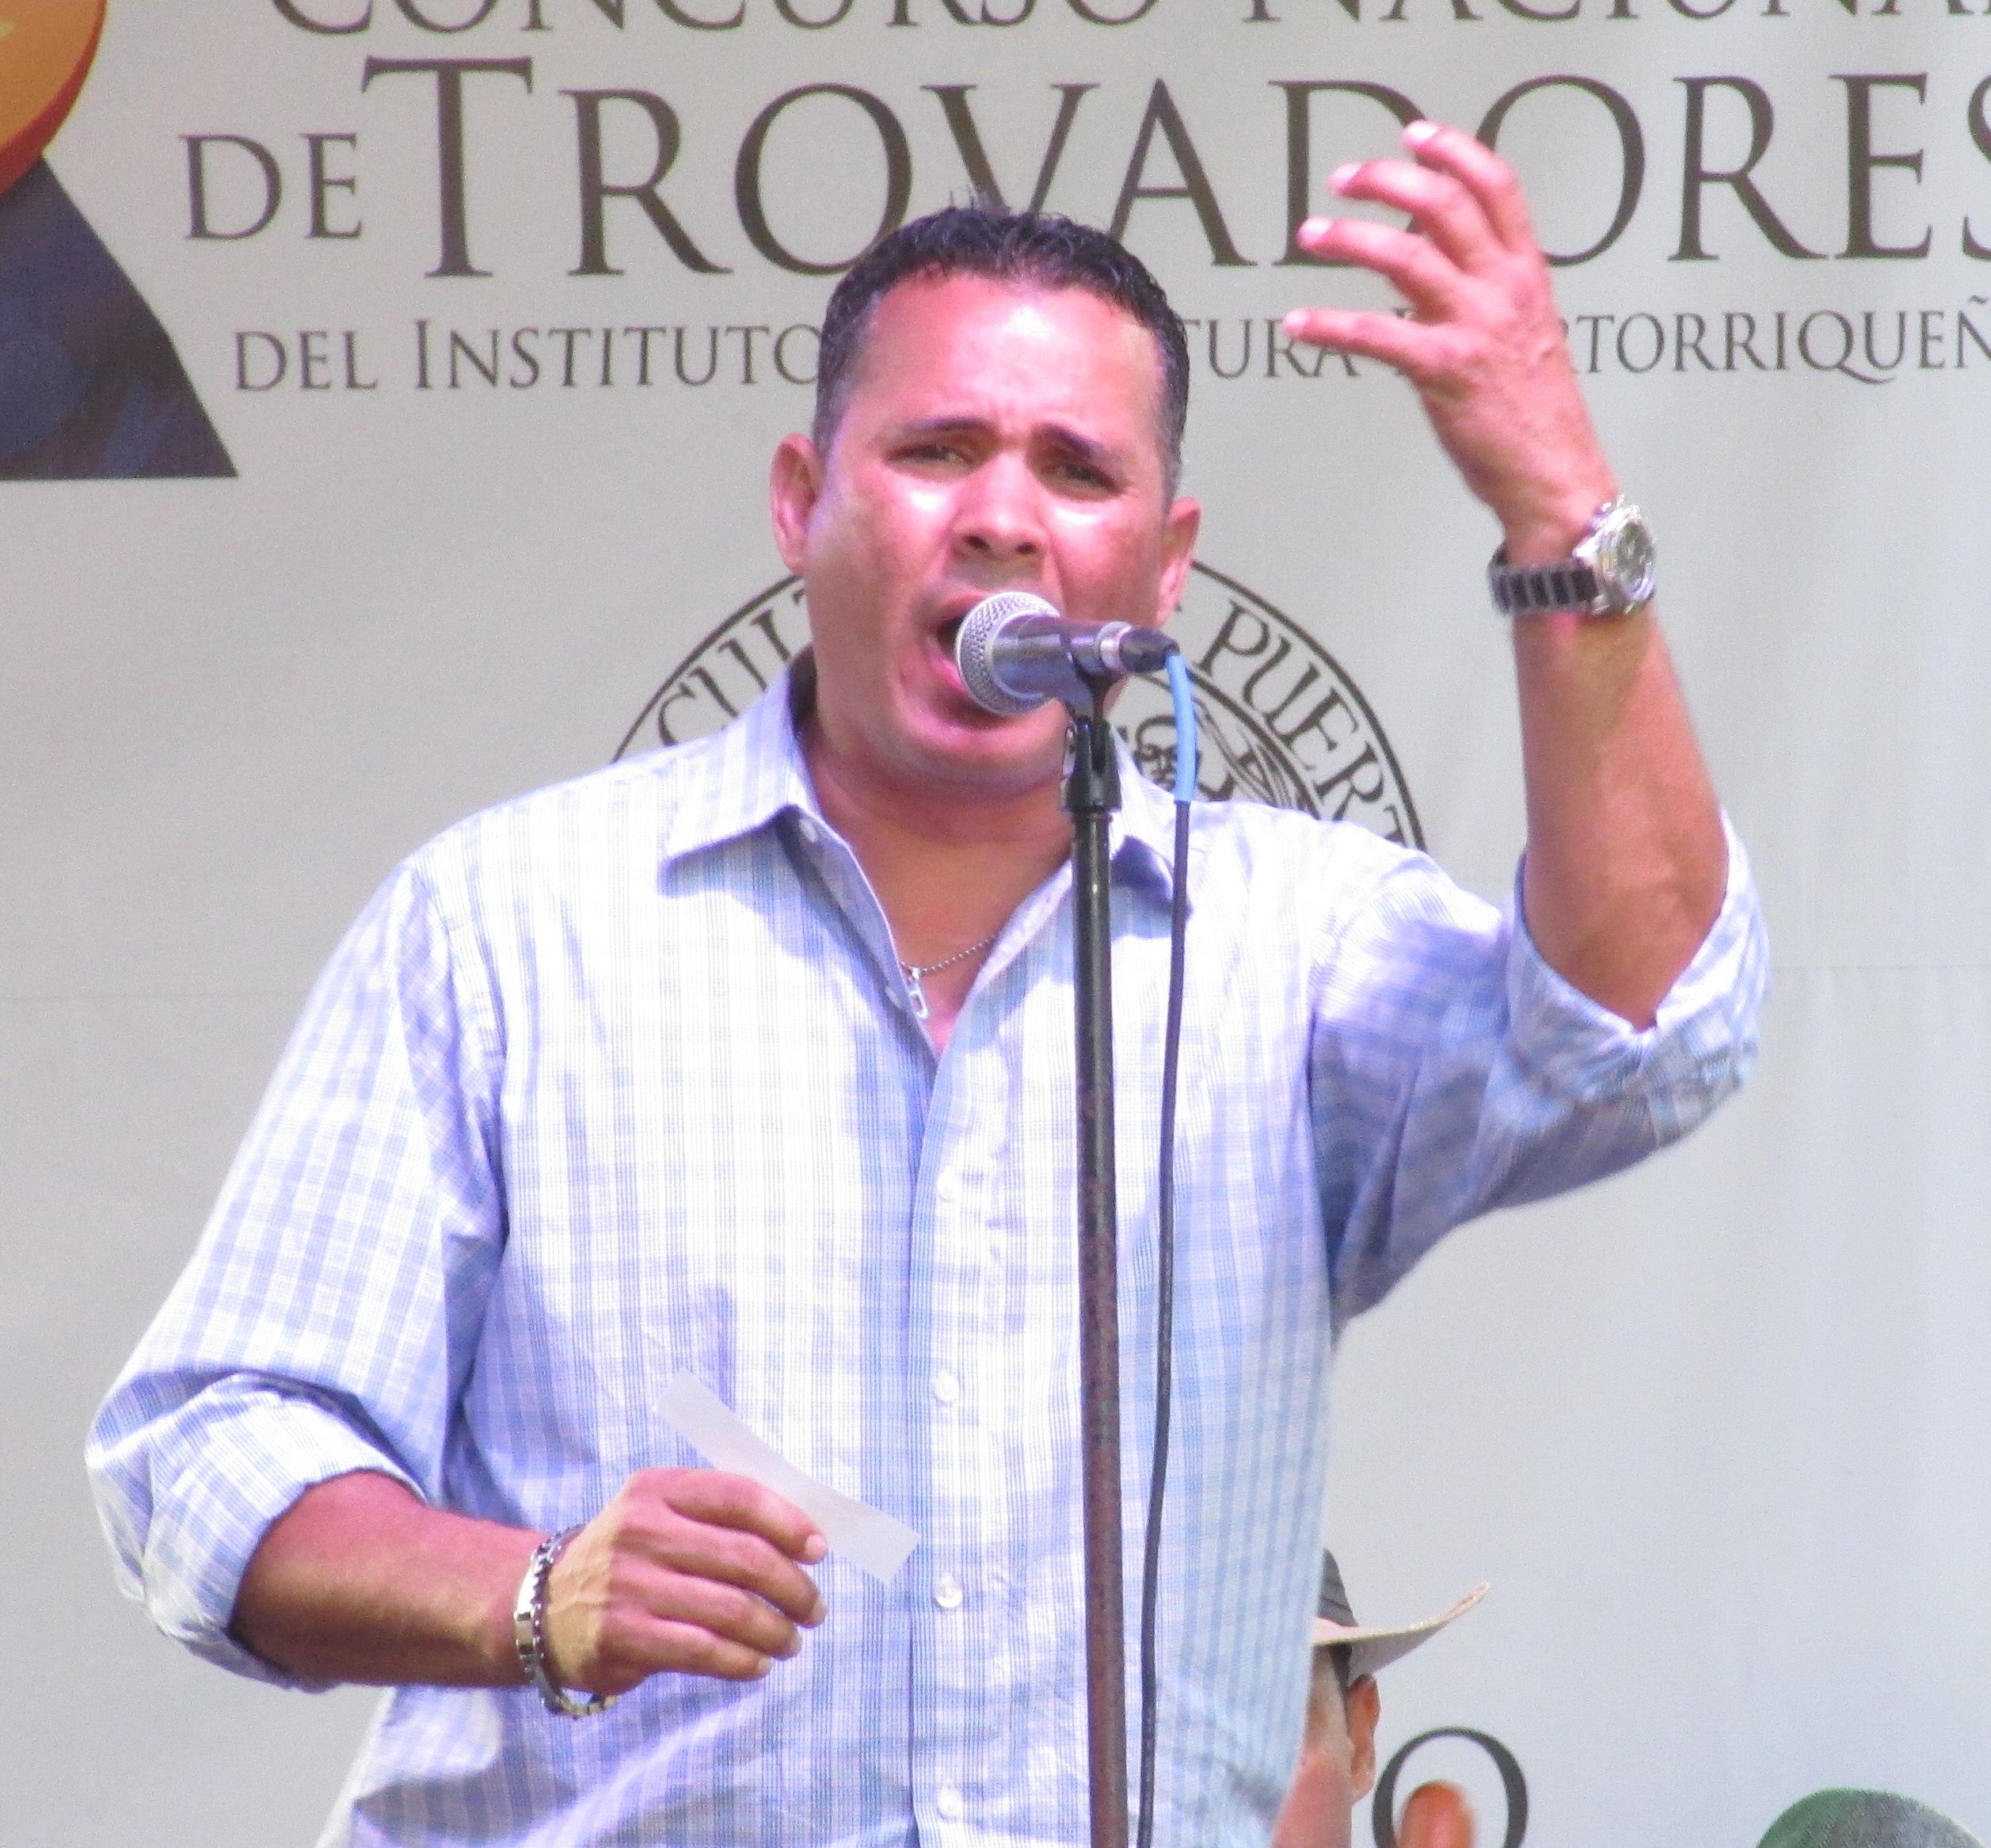 El trovador Samuel Quijano Huertas partcipó en el Concurso Nacional de Trovadores. (Foto Javier Santiago / Fundación Nacional para la Cultura Popular)